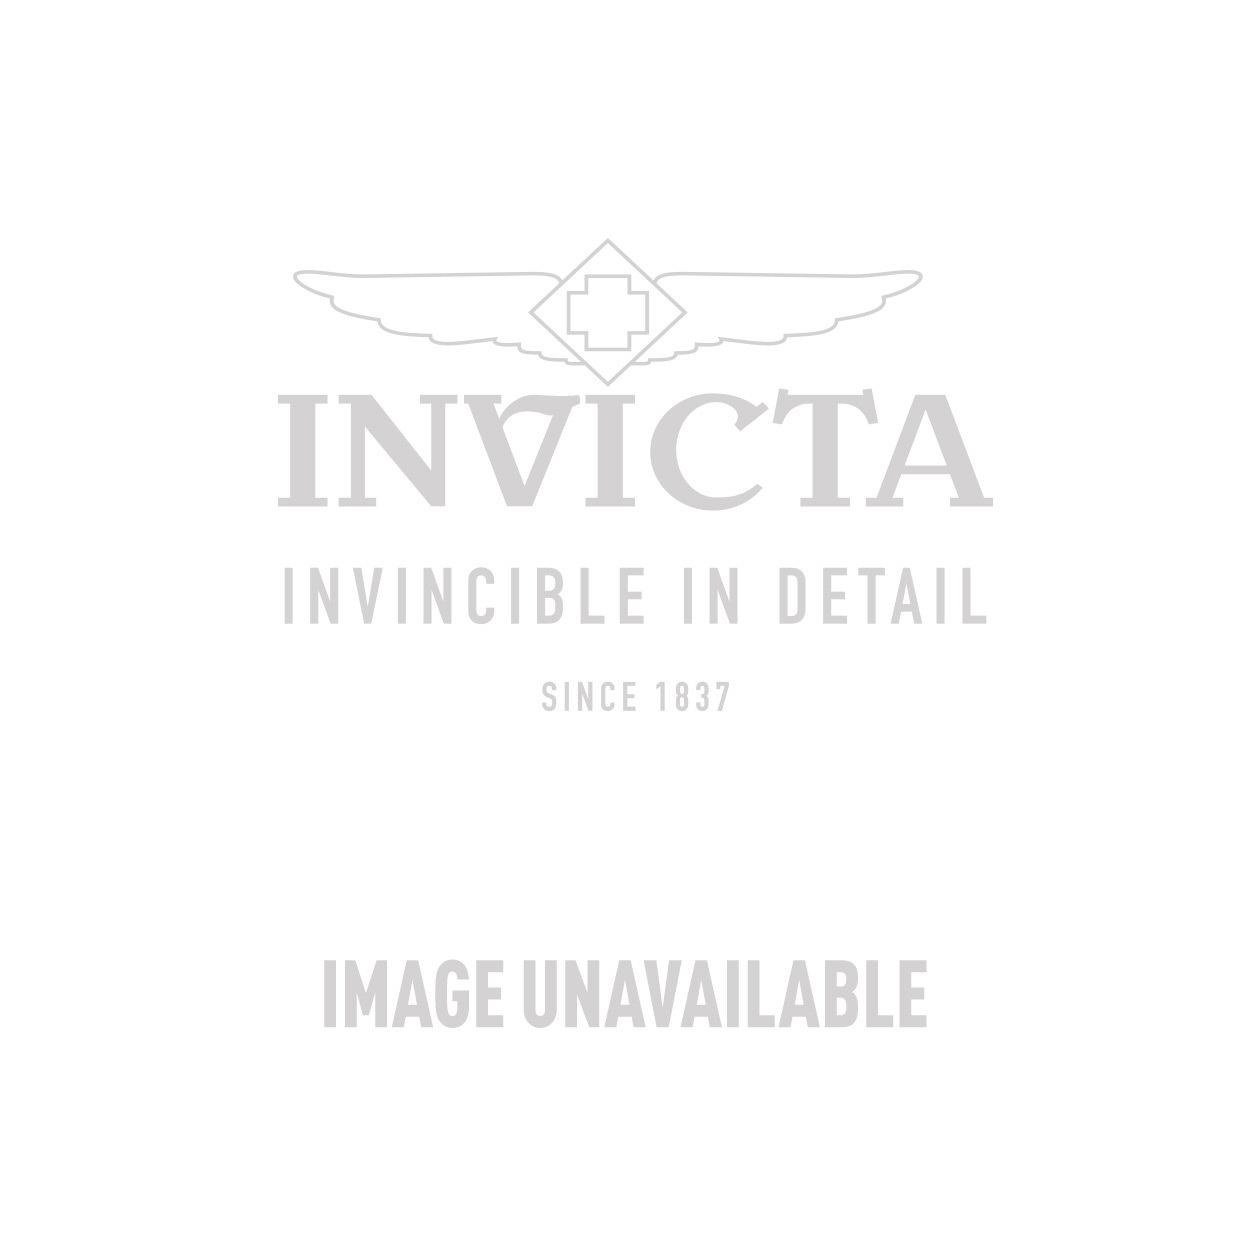 Invicta Model 28247